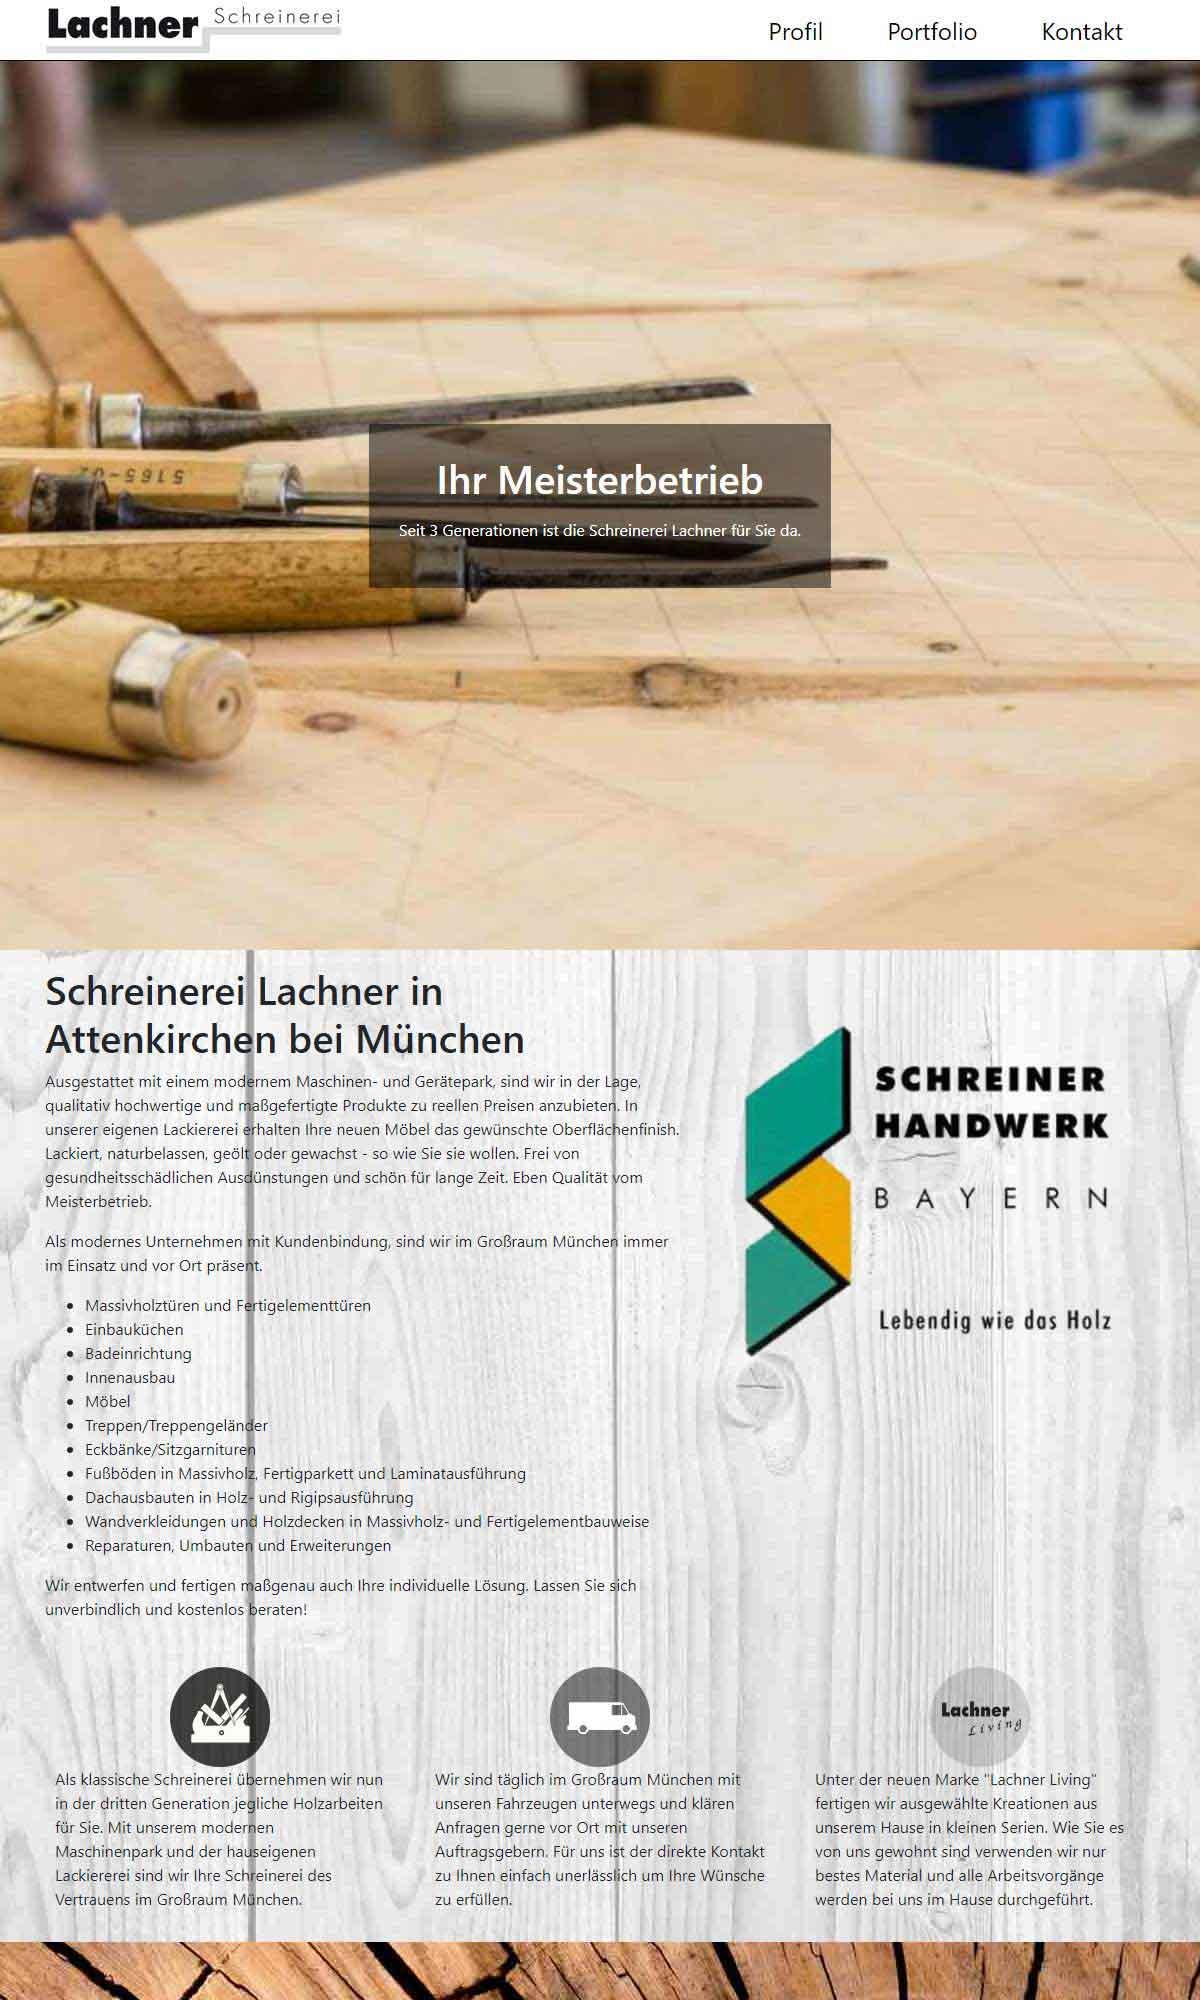 Lachner Schreinerei Screenshot 2018-04